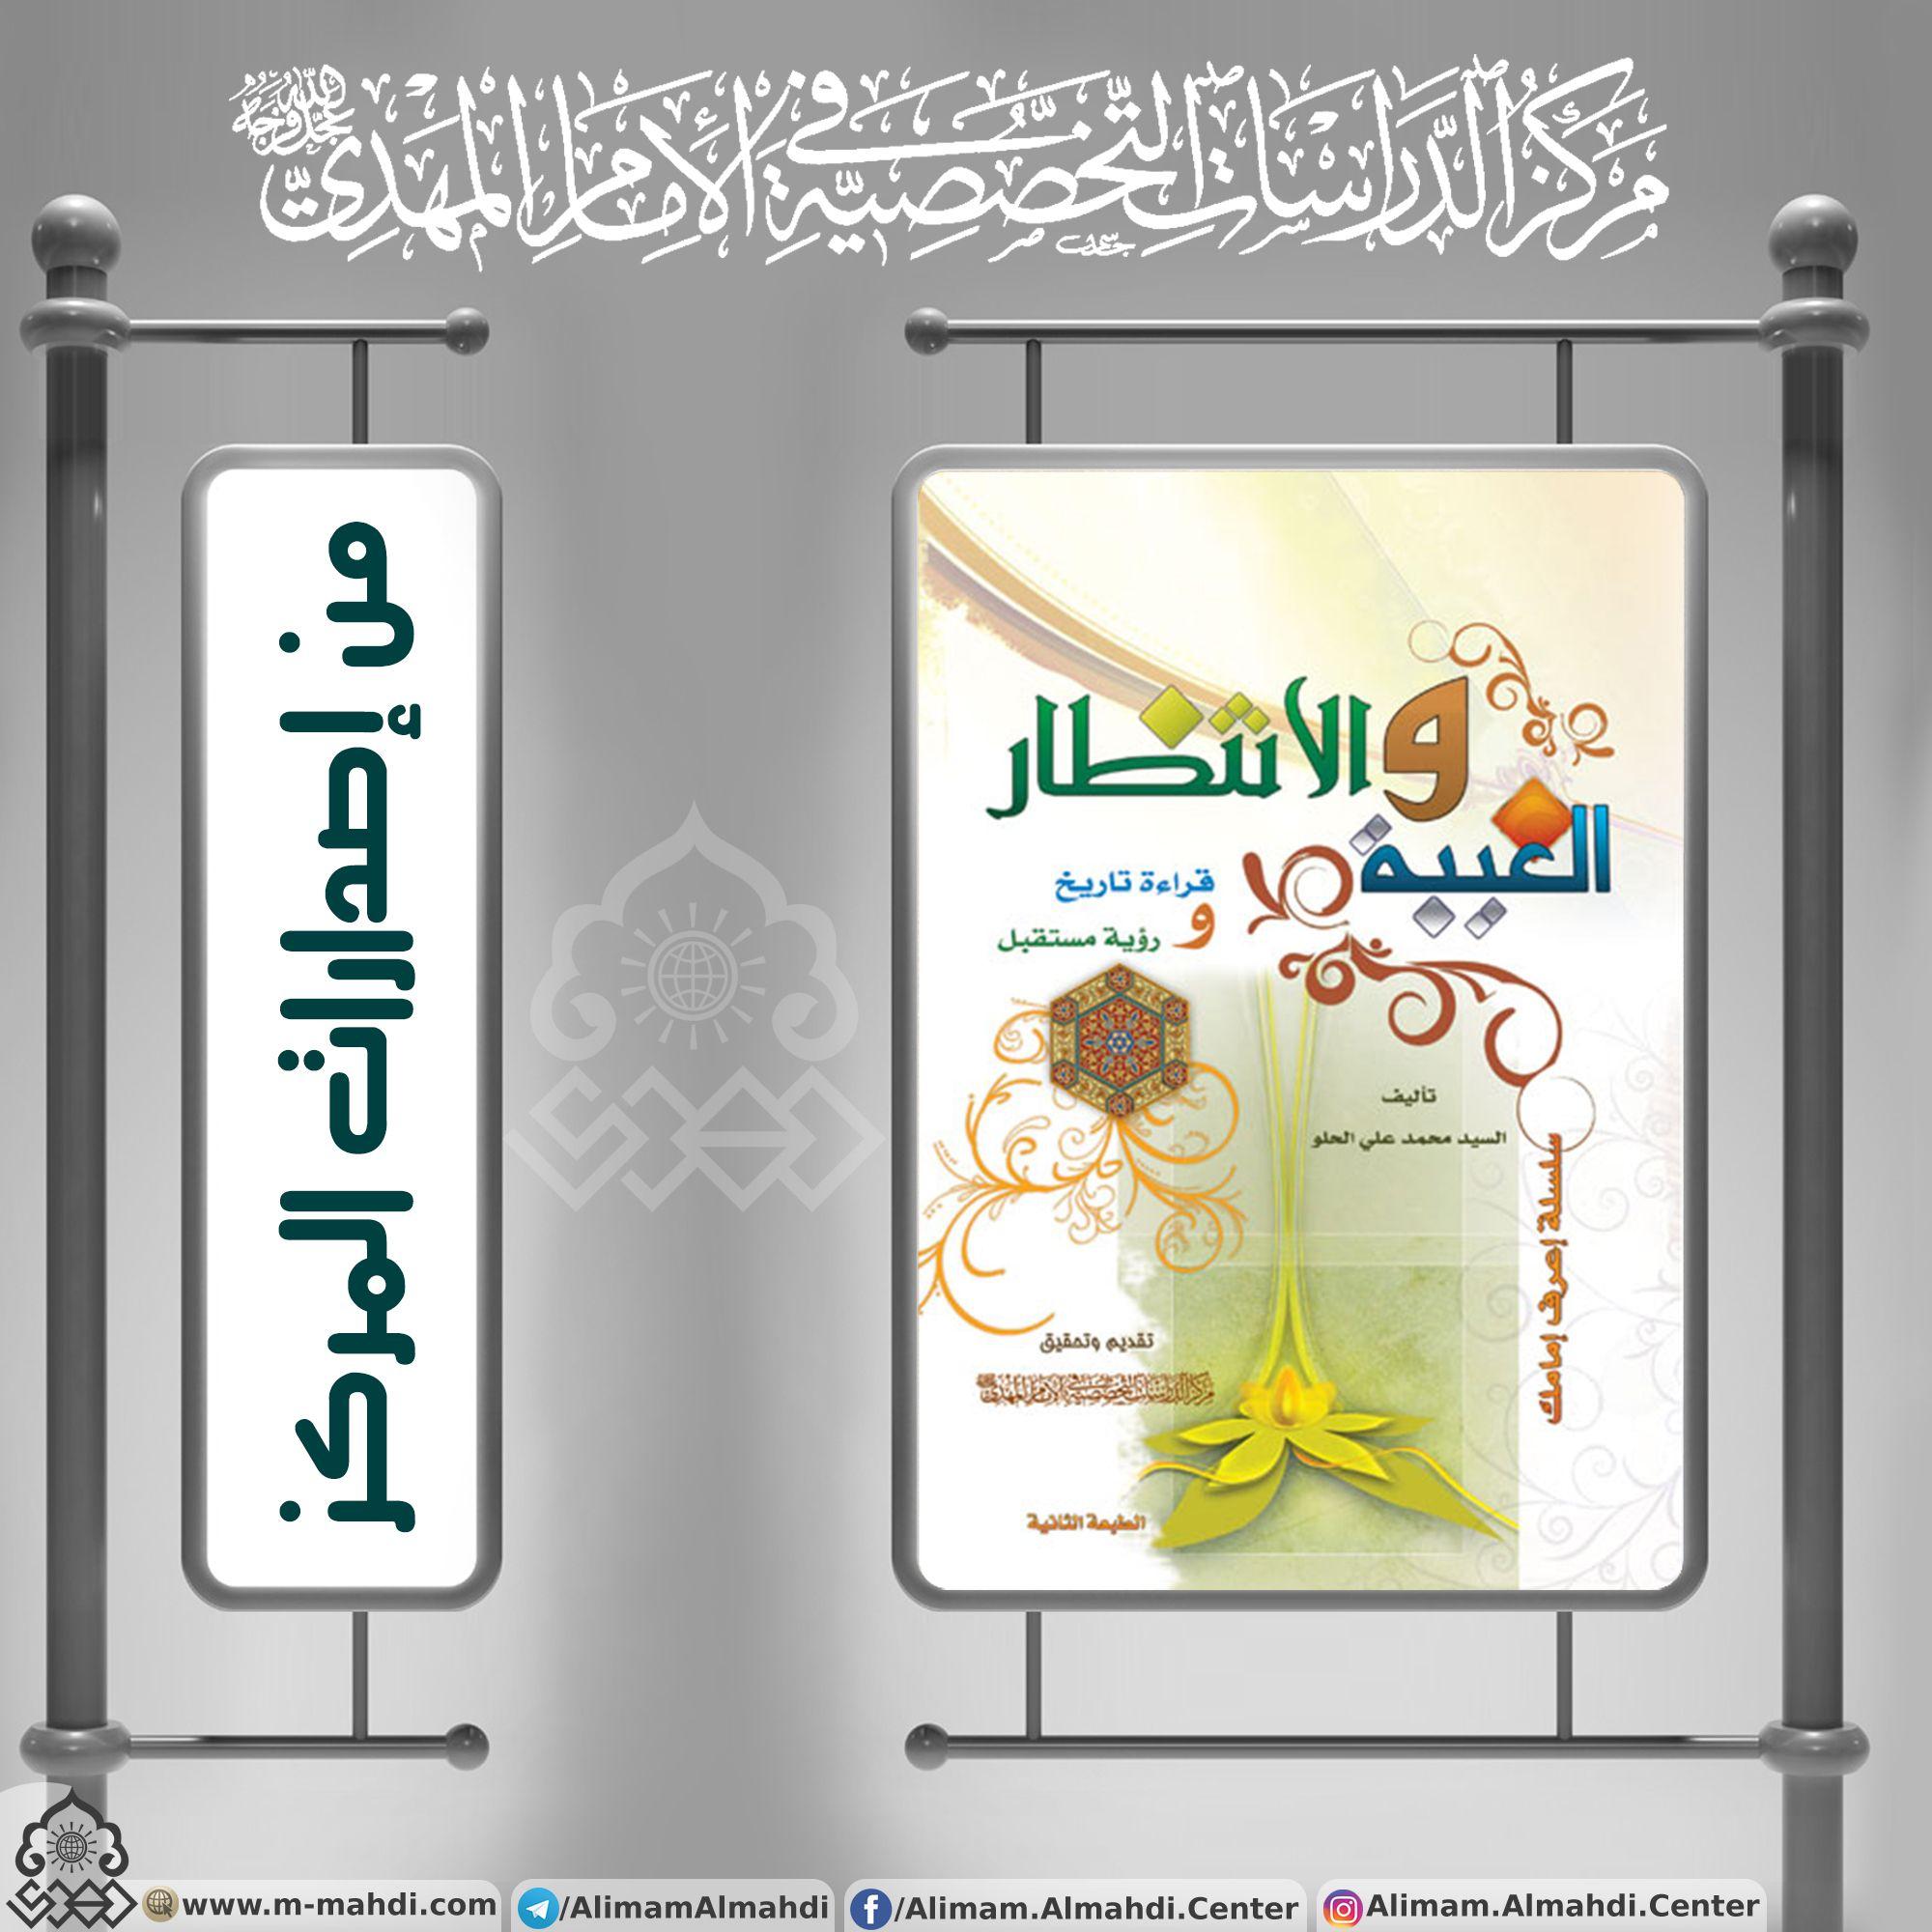 اسم الكتاب الغيبة والانتظار قراءة تاريخ ورؤية مستقبل تأليف السيد محمد علي الحلو Electronic Products Books Phone